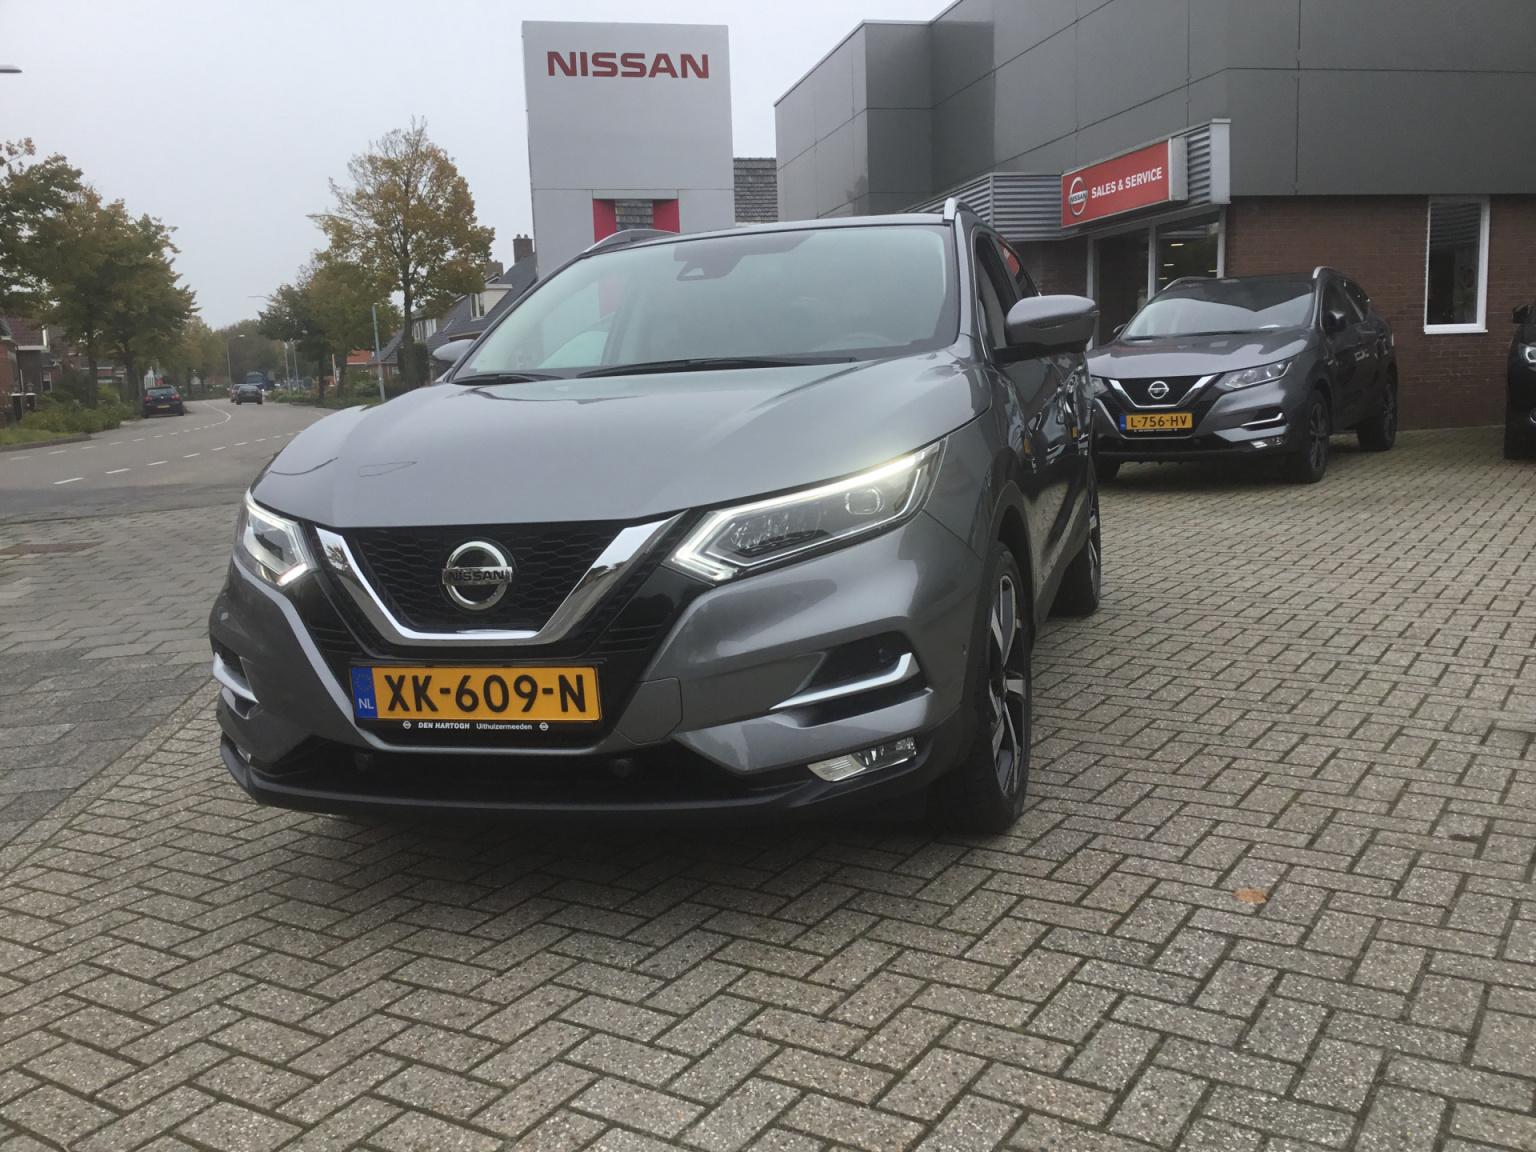 Nissan-QASHQAI-0